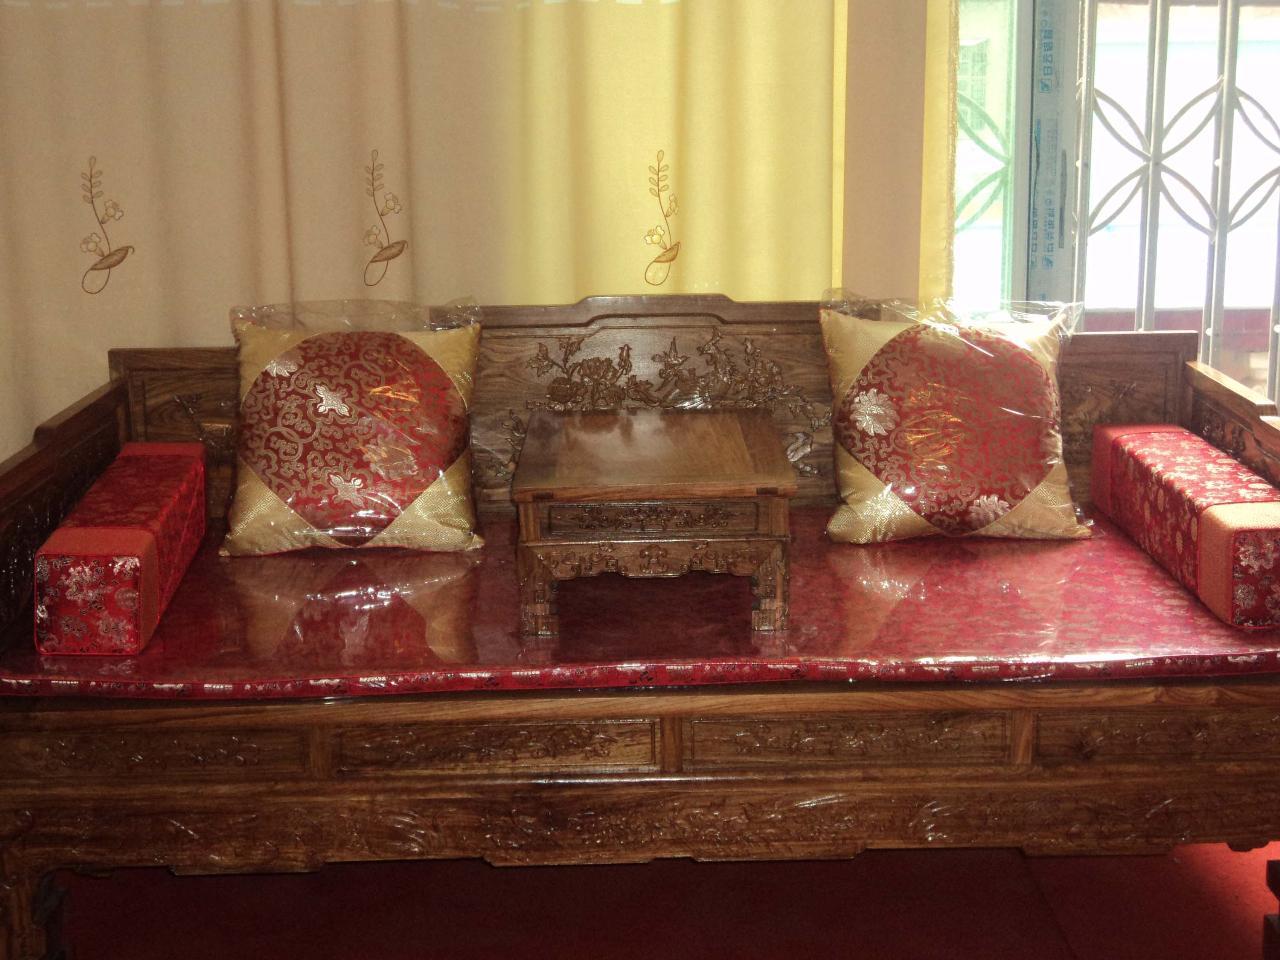 景乐轩红木家具店是专业经营中低档各式红木家具的.